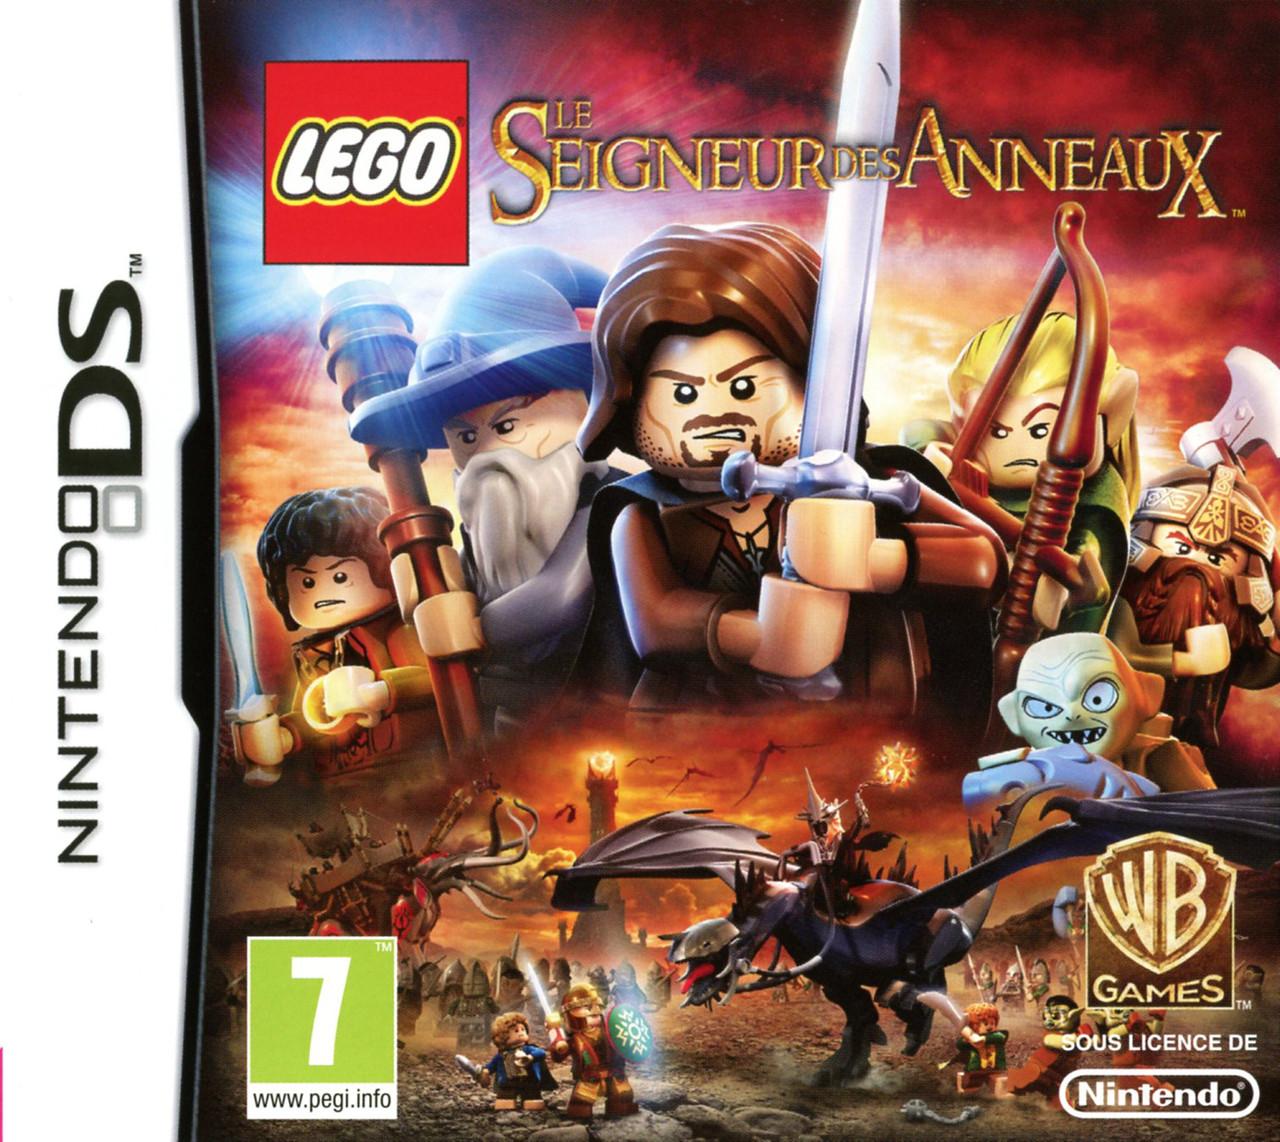 Lego le seigneur des anneaux sur nintendo ds - Jeux de lego sur jeux info ...